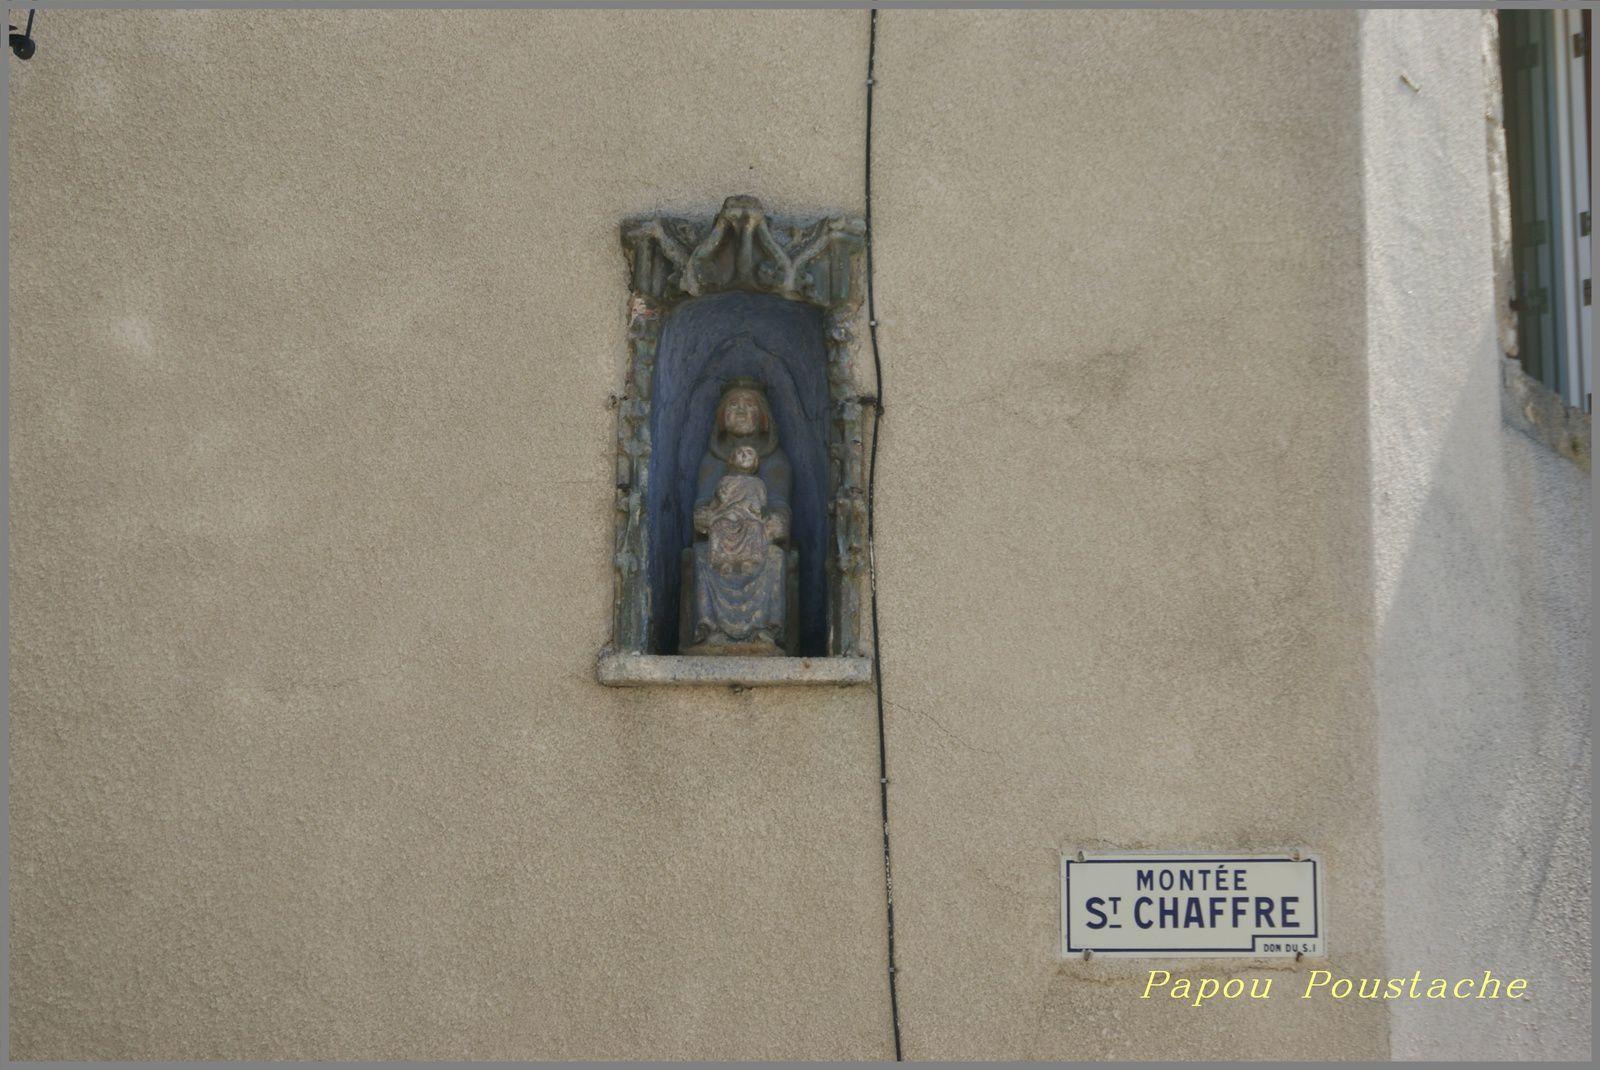 Le Monastier sur Gazeille